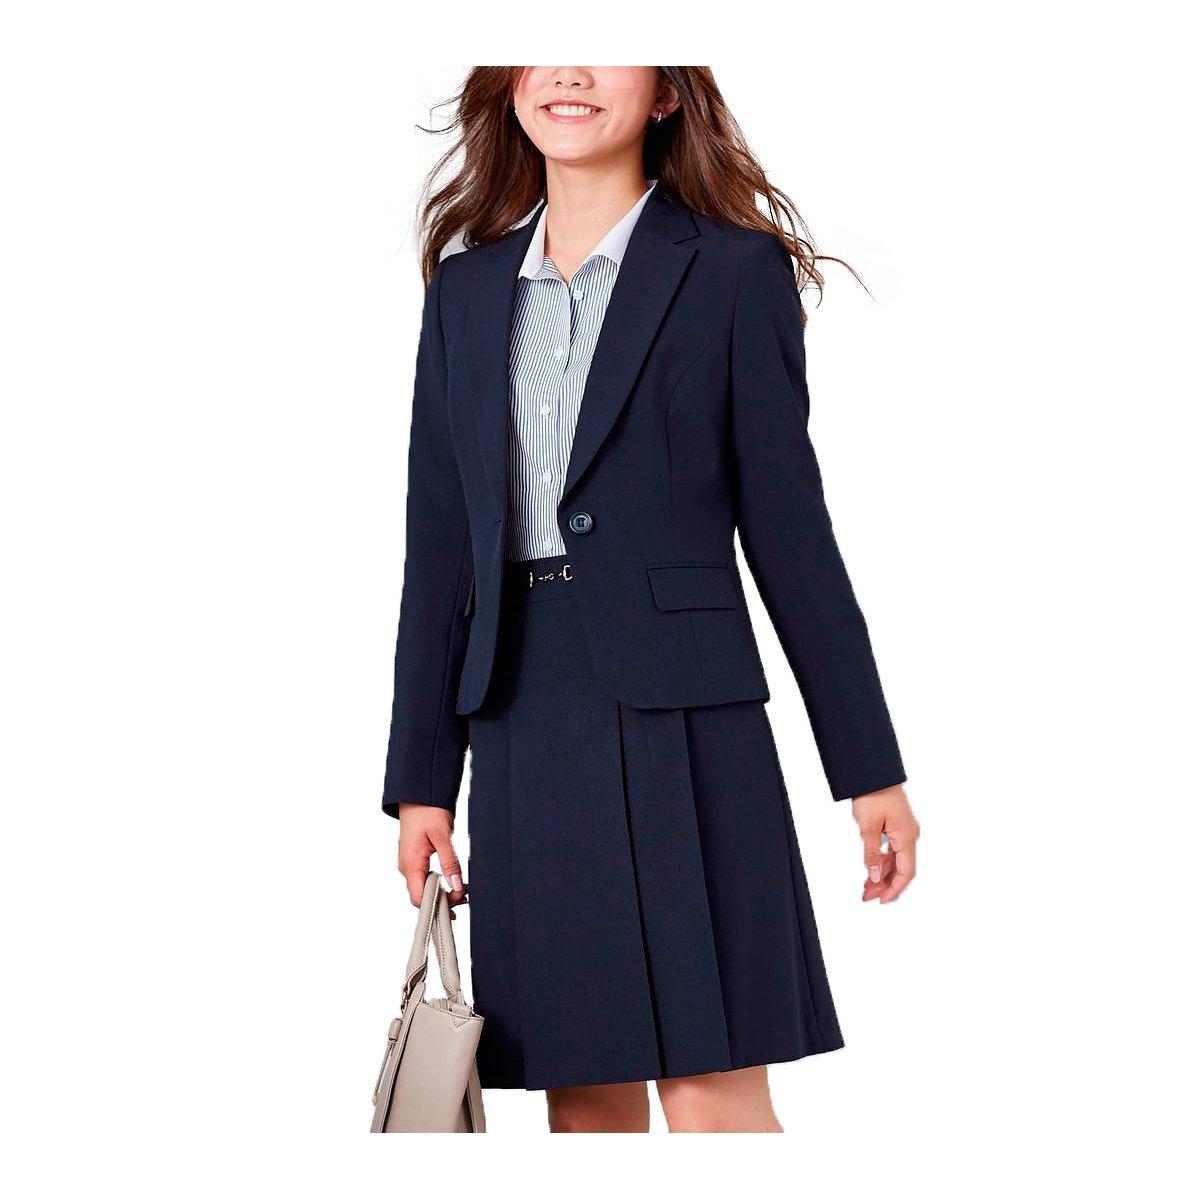 (ニッセン) nissen スーツ 上下 セットアップ ジャケット スカート 洗える オフィス ビジネス レディース B077TMSCLW 11号|ネイビー ネイビー 11号